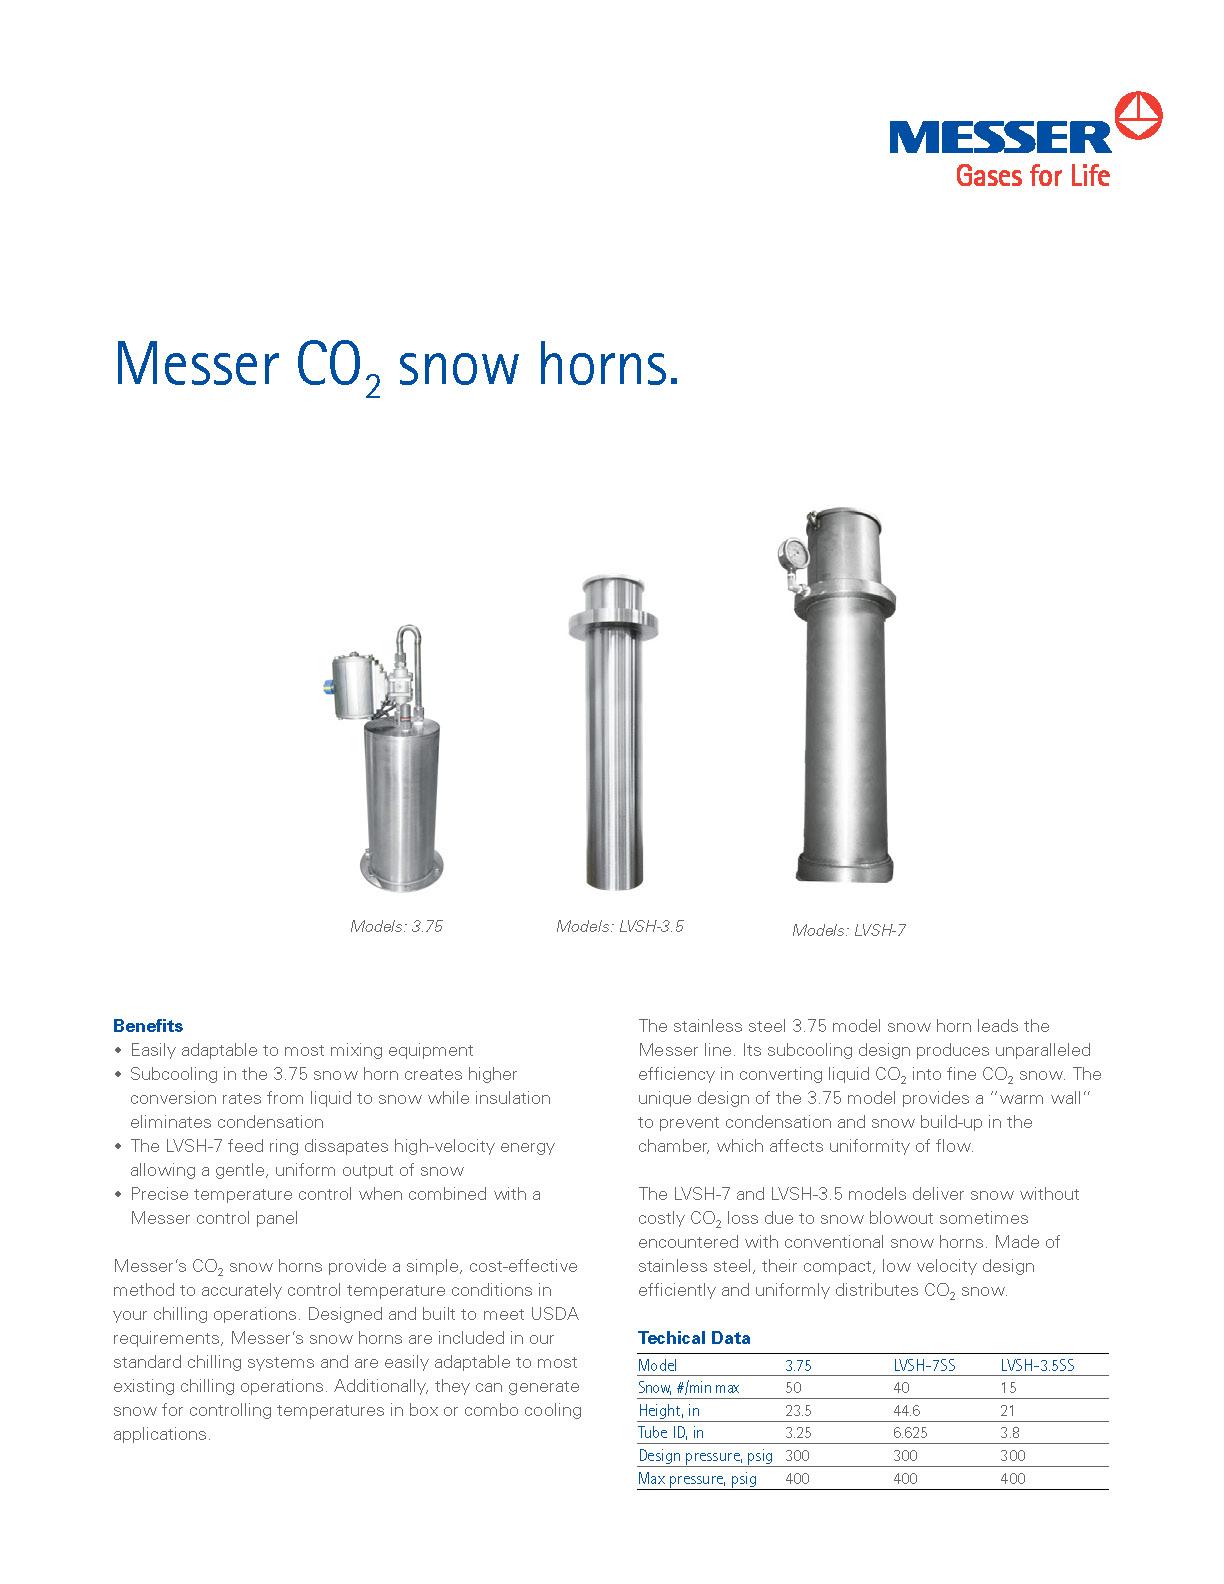 Messer CO₂ Snow Horns